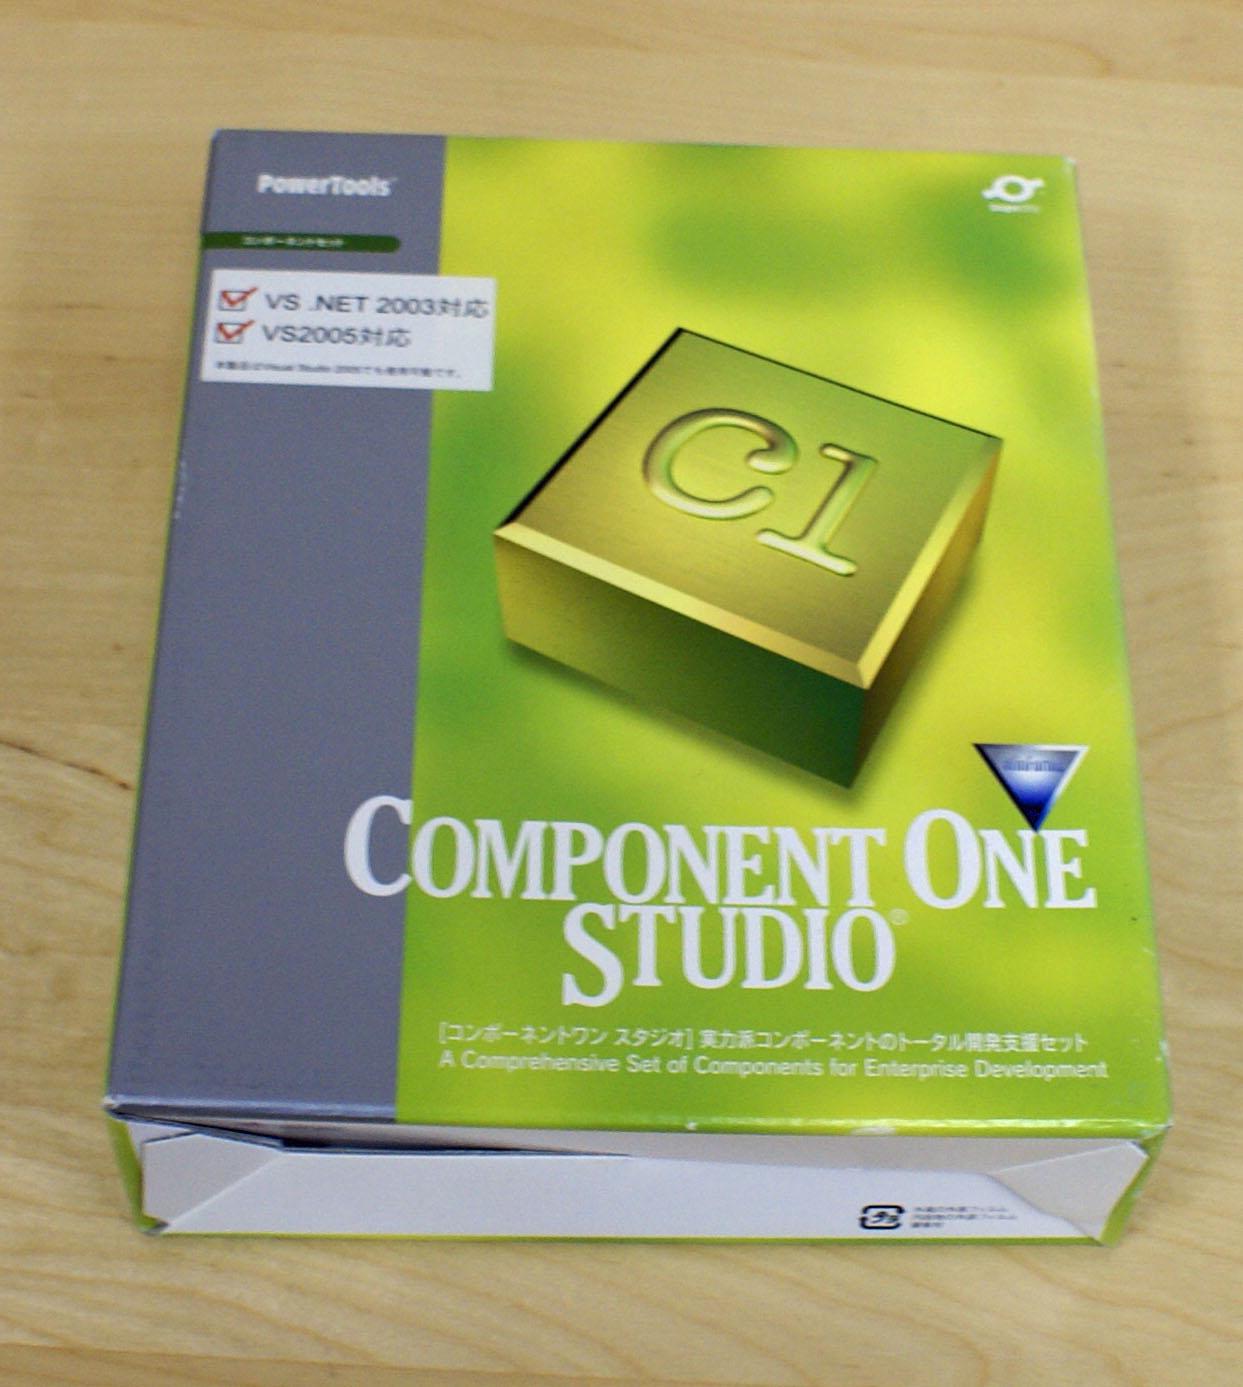 【中古品】ComponentOne Studio 2007 WinForms 1開発ライセンスパッケージ [CD-ROM] Windows